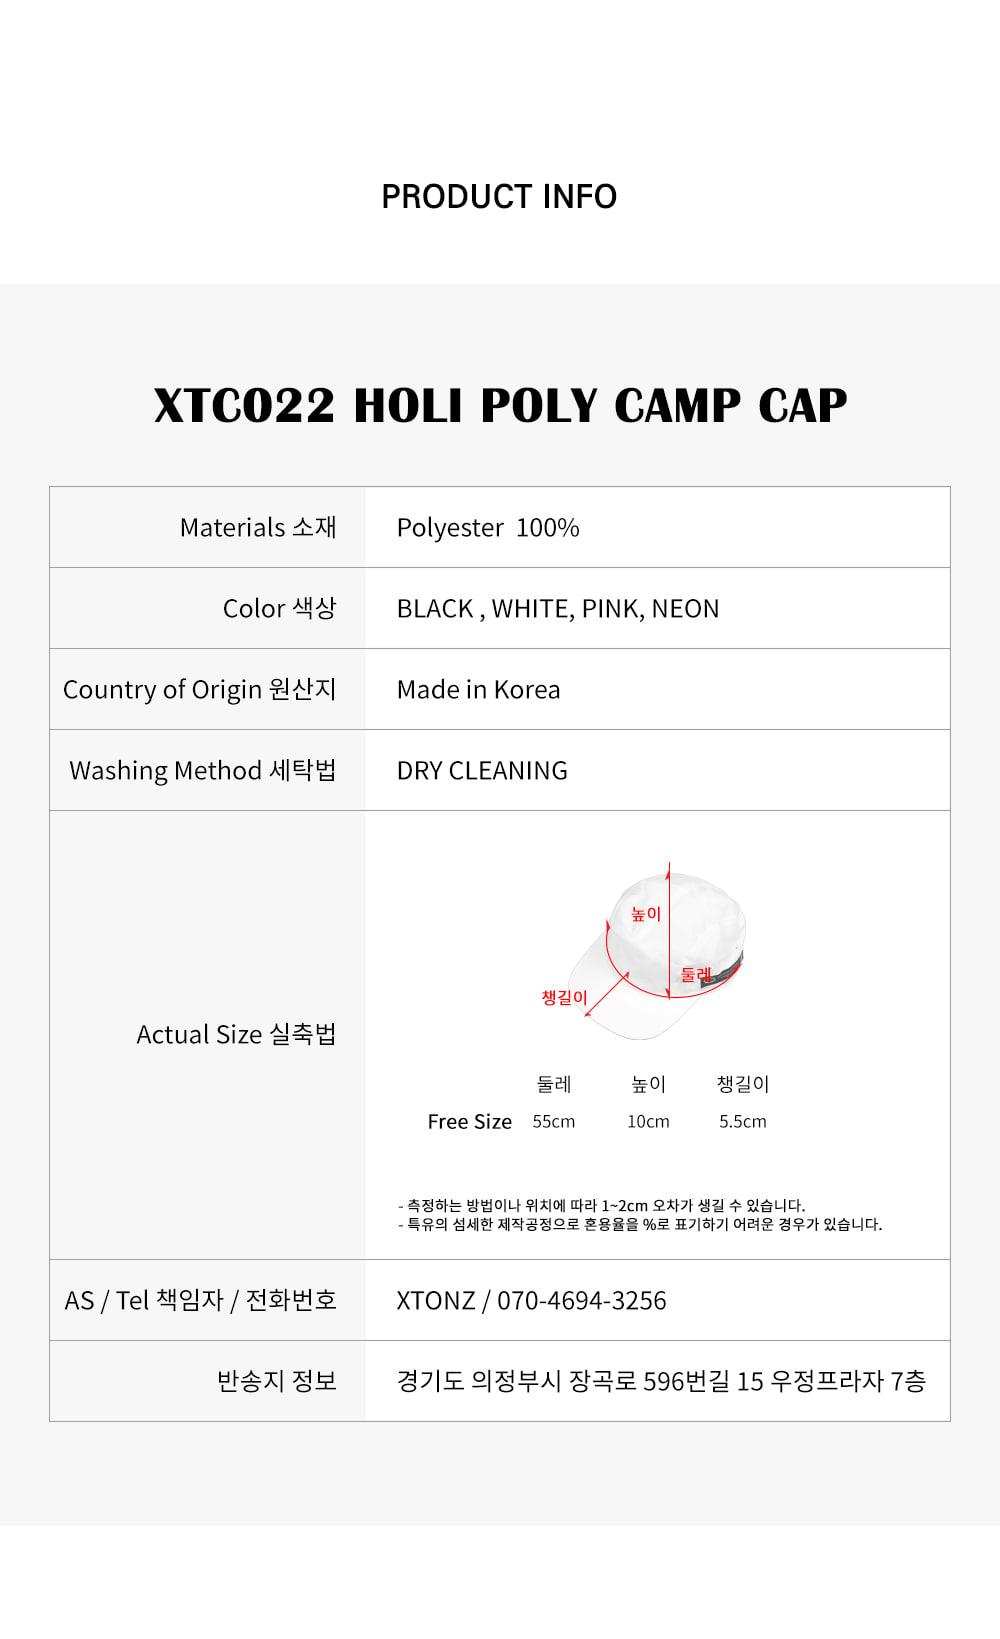 XTC022 홀리폴리 캠프 캡 (NEON)